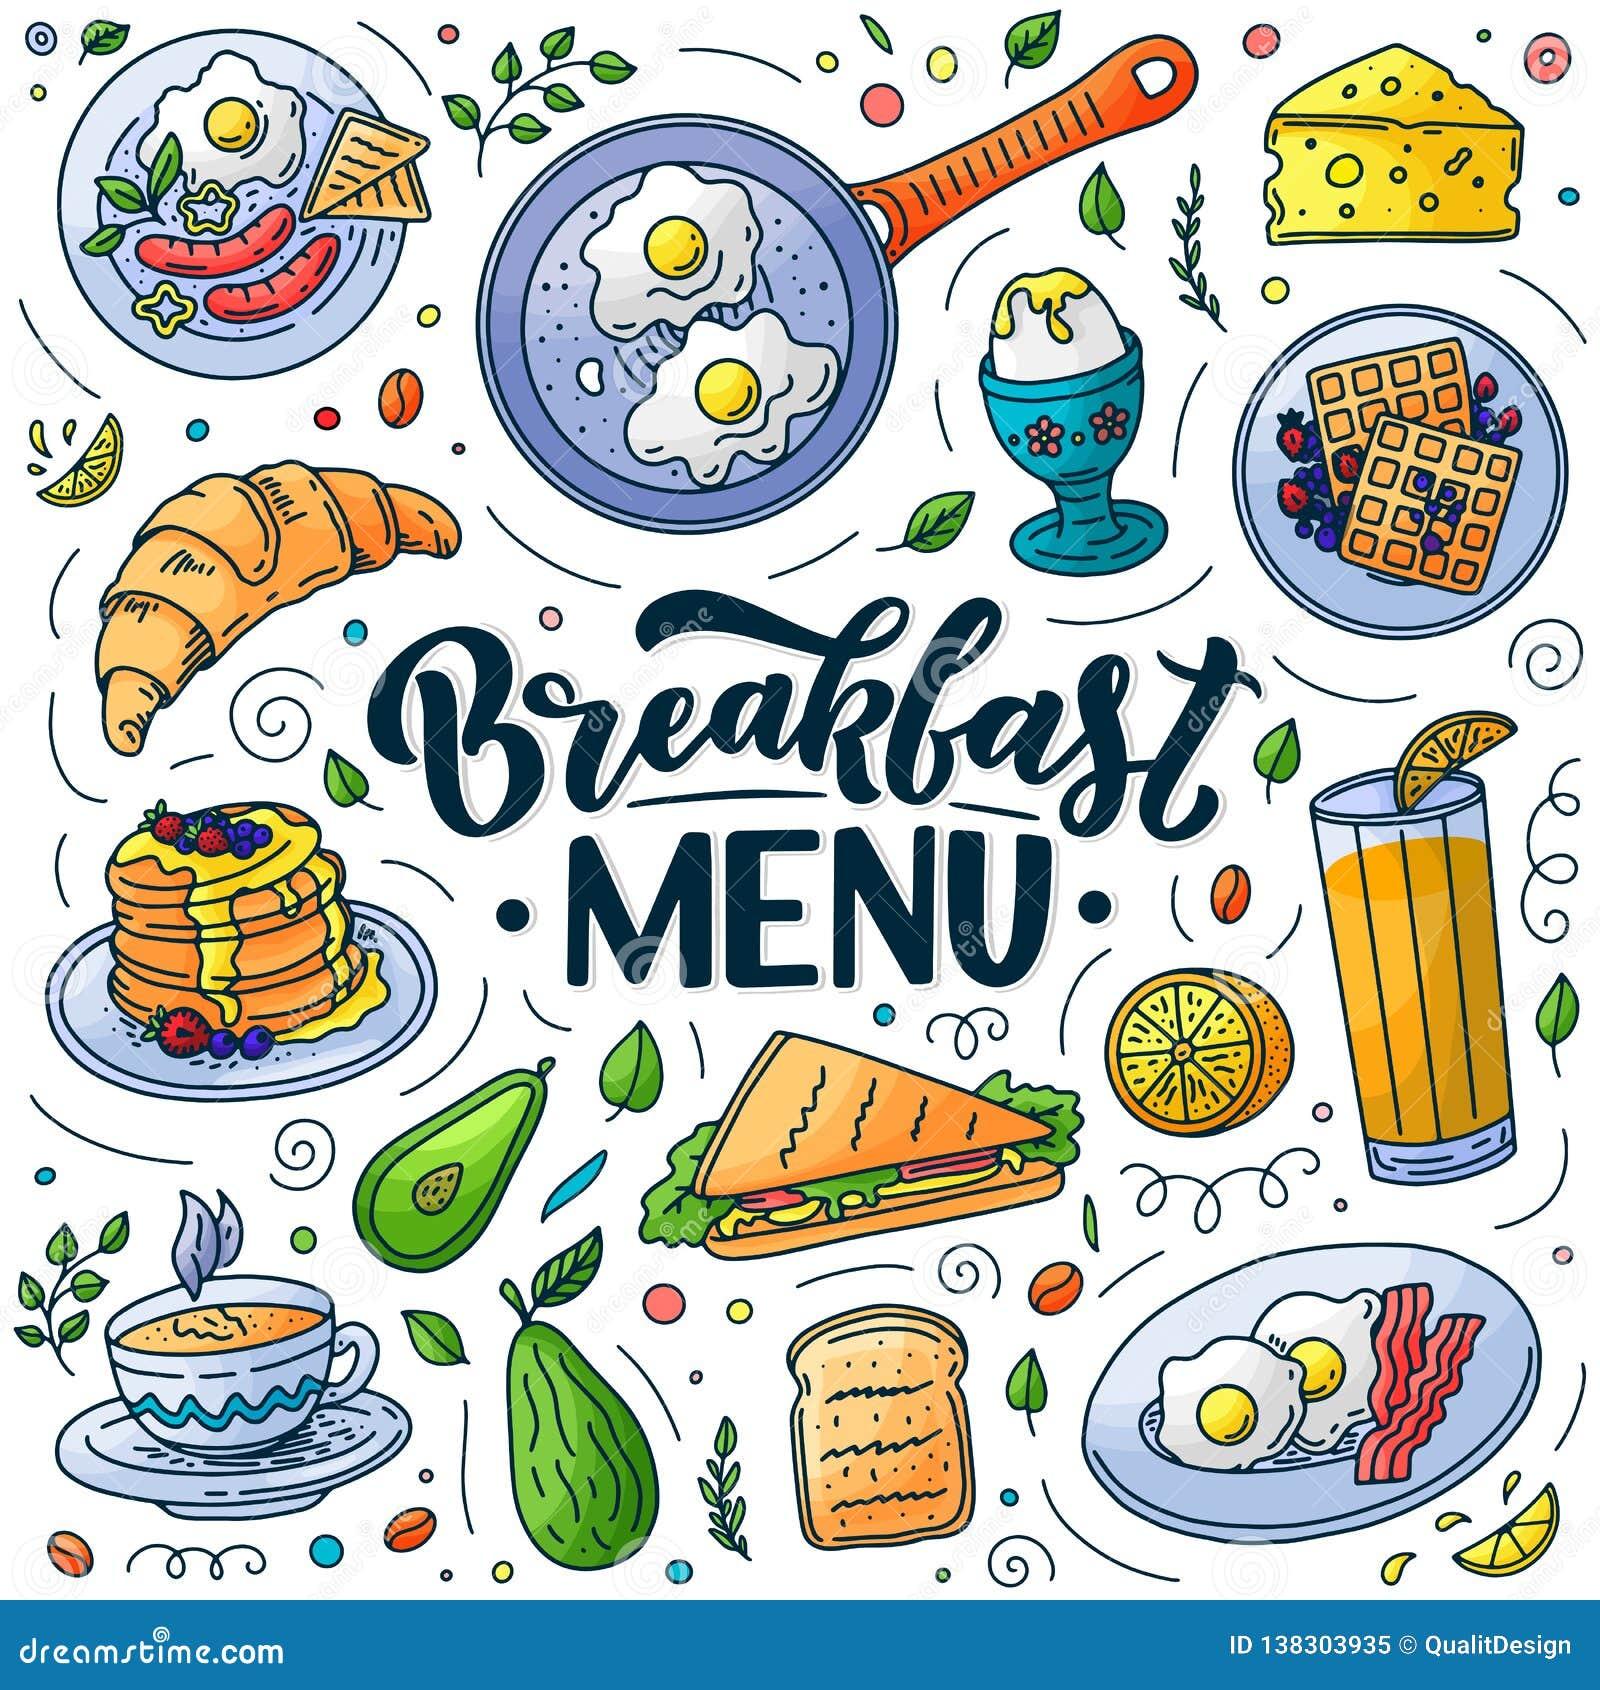 Στοιχεία σχεδίου επιλογών προγευμάτων Διανυσματική απεικόνιση doodle Εγγραφή καλλιγραφίας και παραδοσιακό γεύμα προγευμάτων